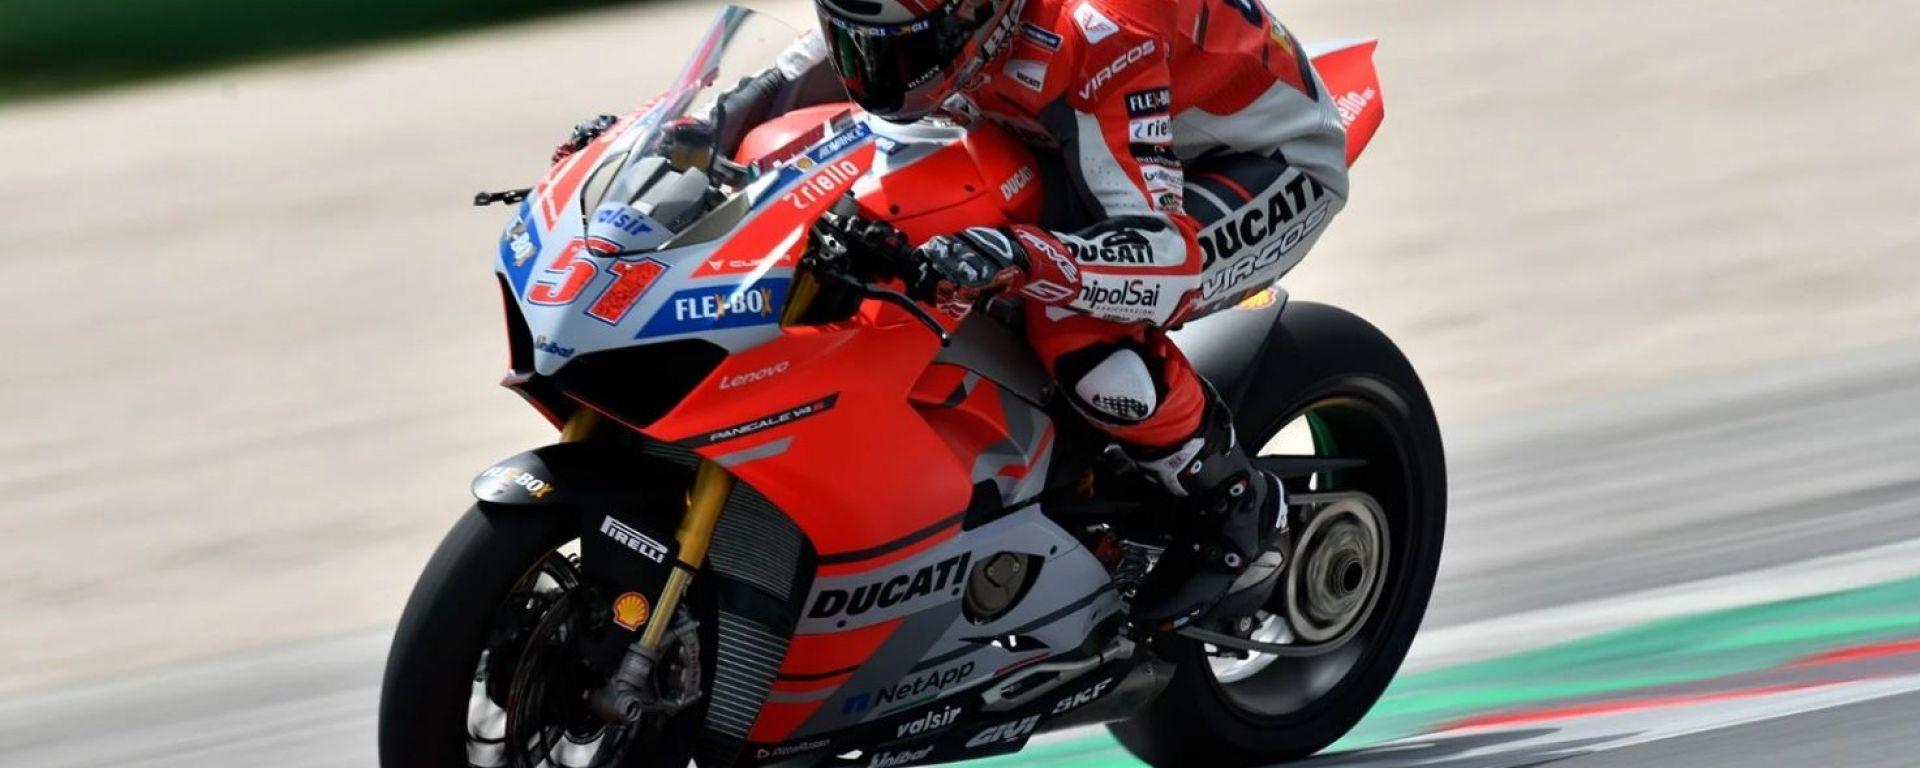 Ducati: la Panigale V4 R a Brands Hatch con Pirro